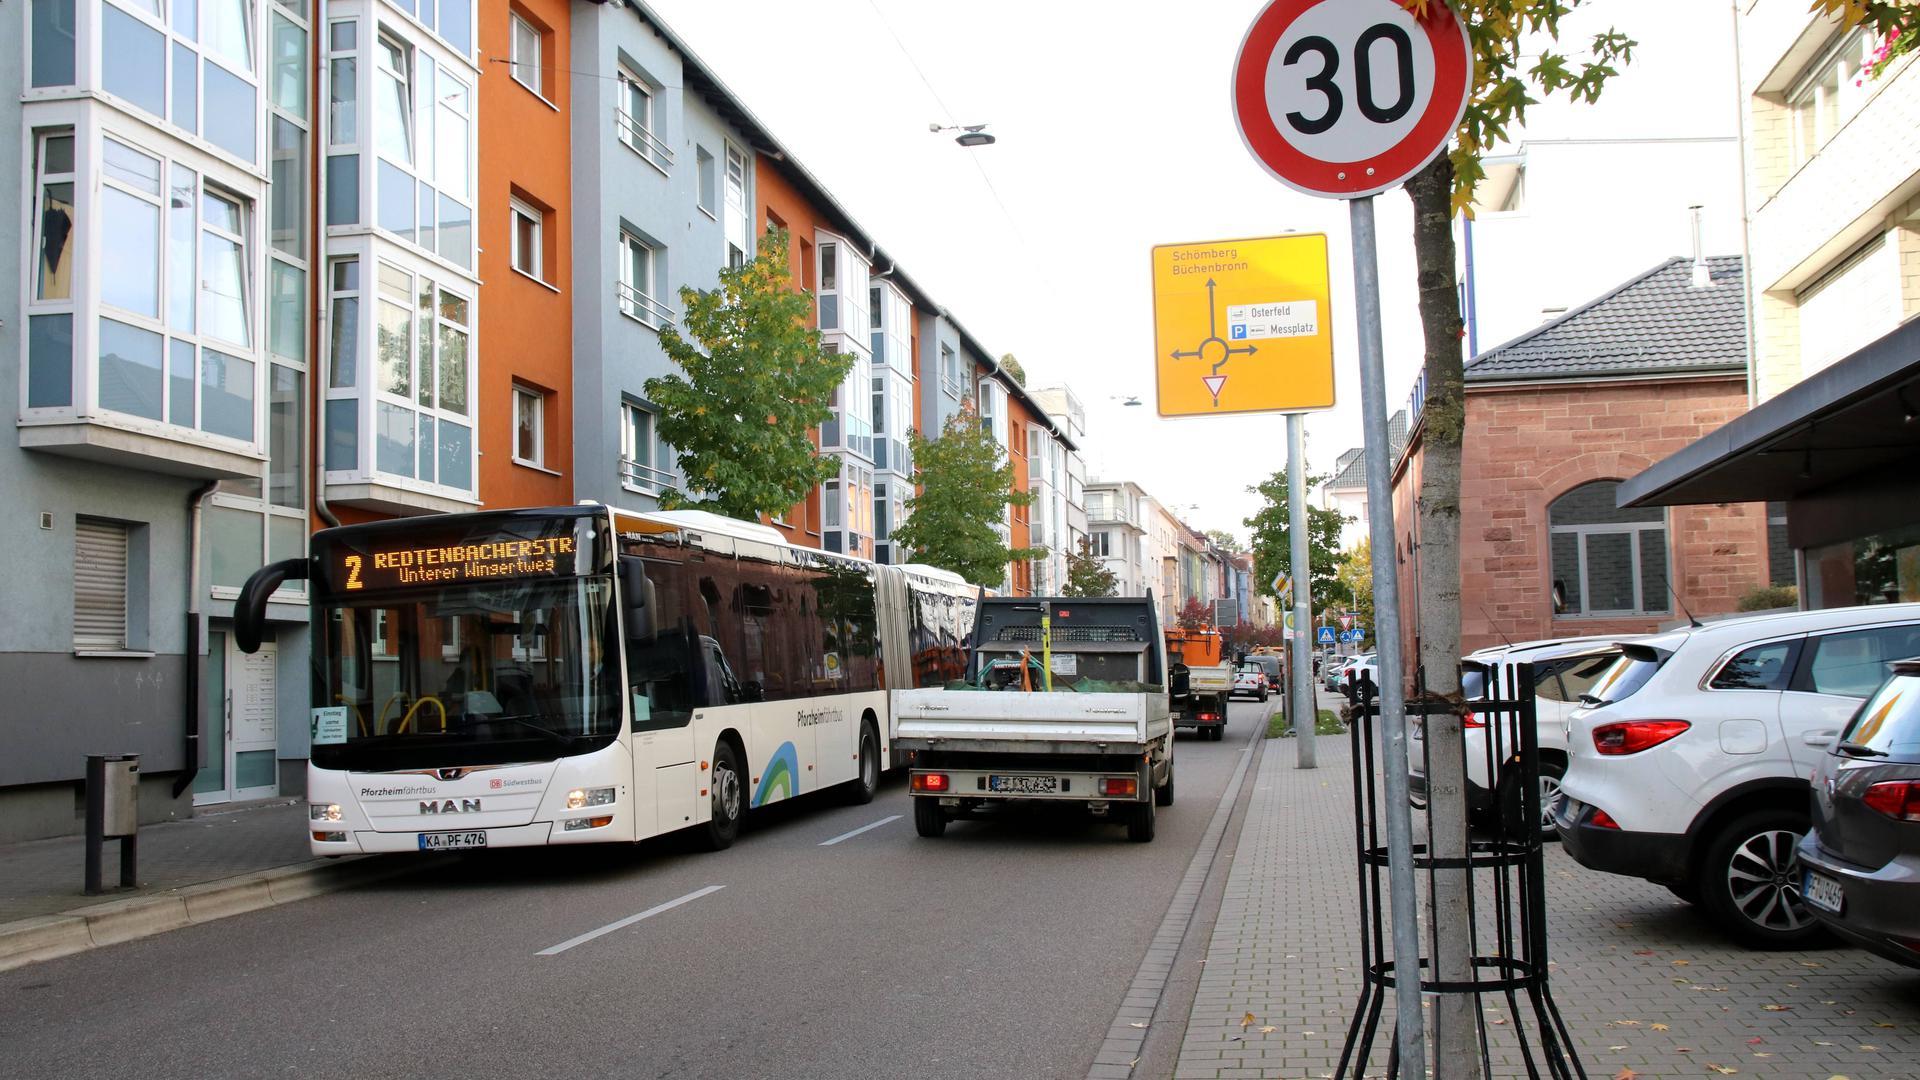 Straße in 30er Zone